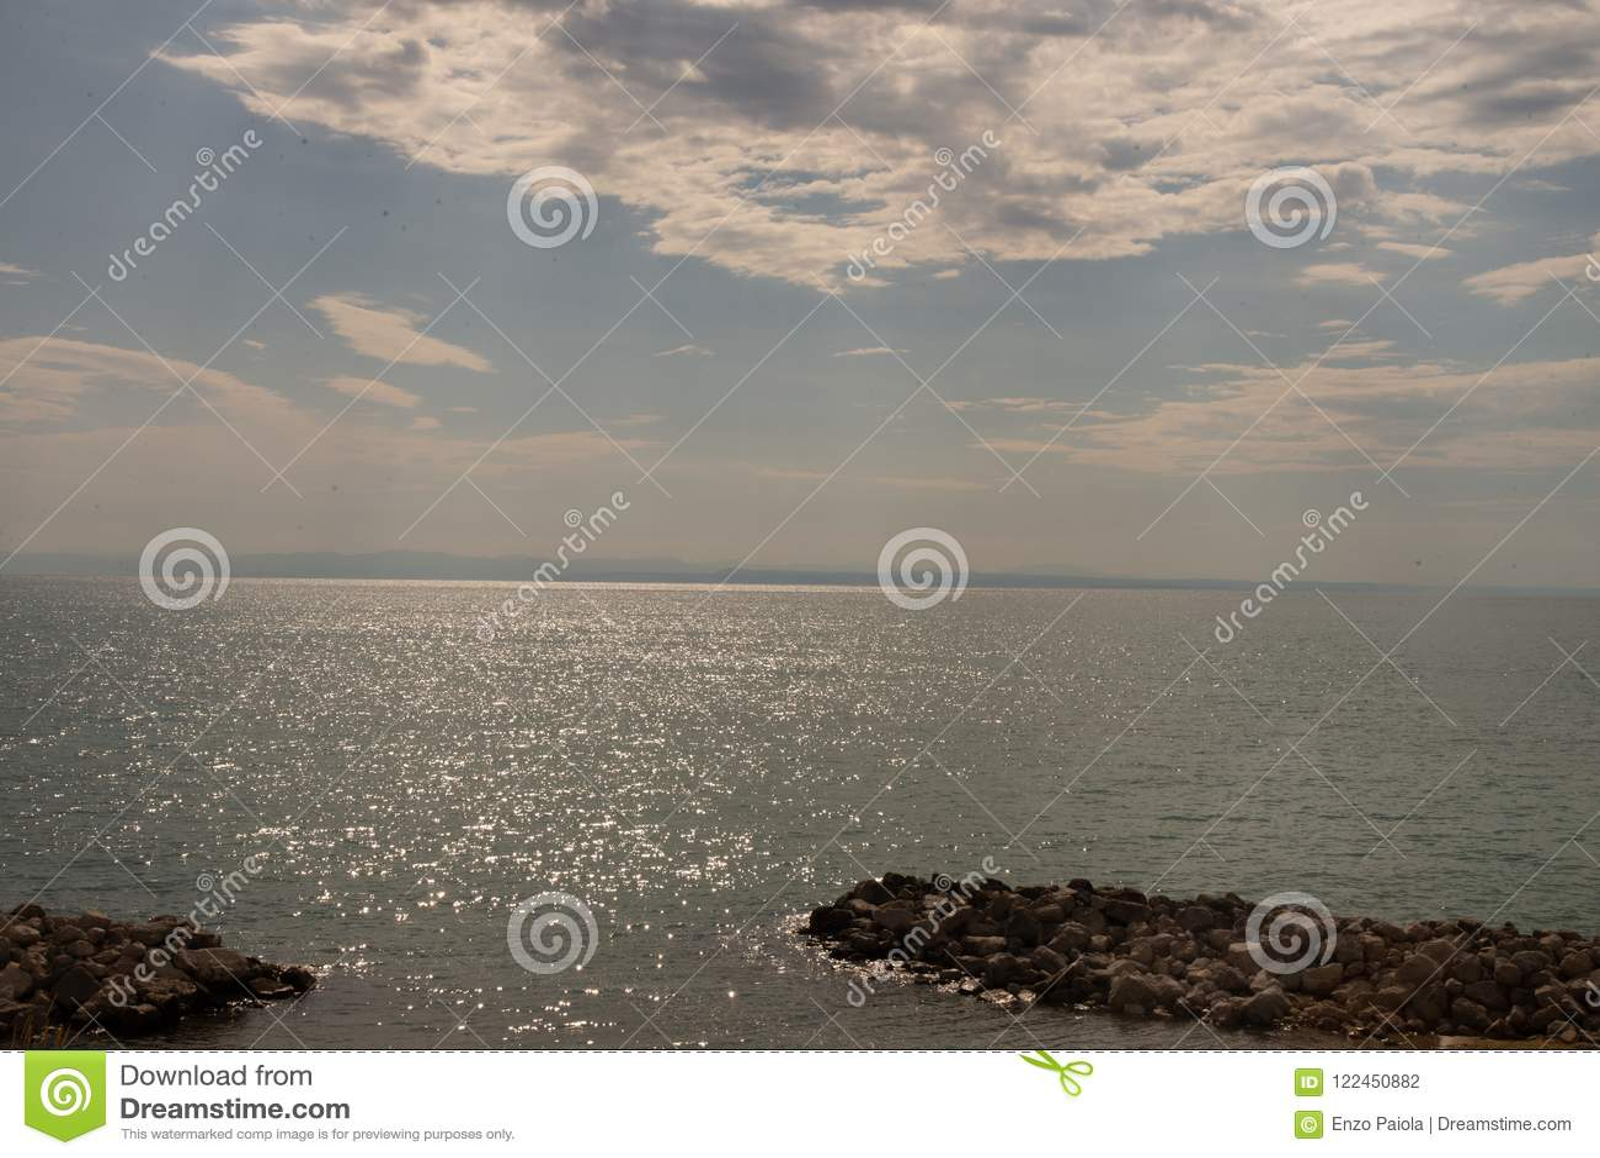 Η θάλασσα Bibione, Βένετο, Ιταλία, με μια εκθαμβωτική αντανάκλαση και τα σύννεφα στον ουρανό που καλύπτει τις ακτίνες ήλιων ` s